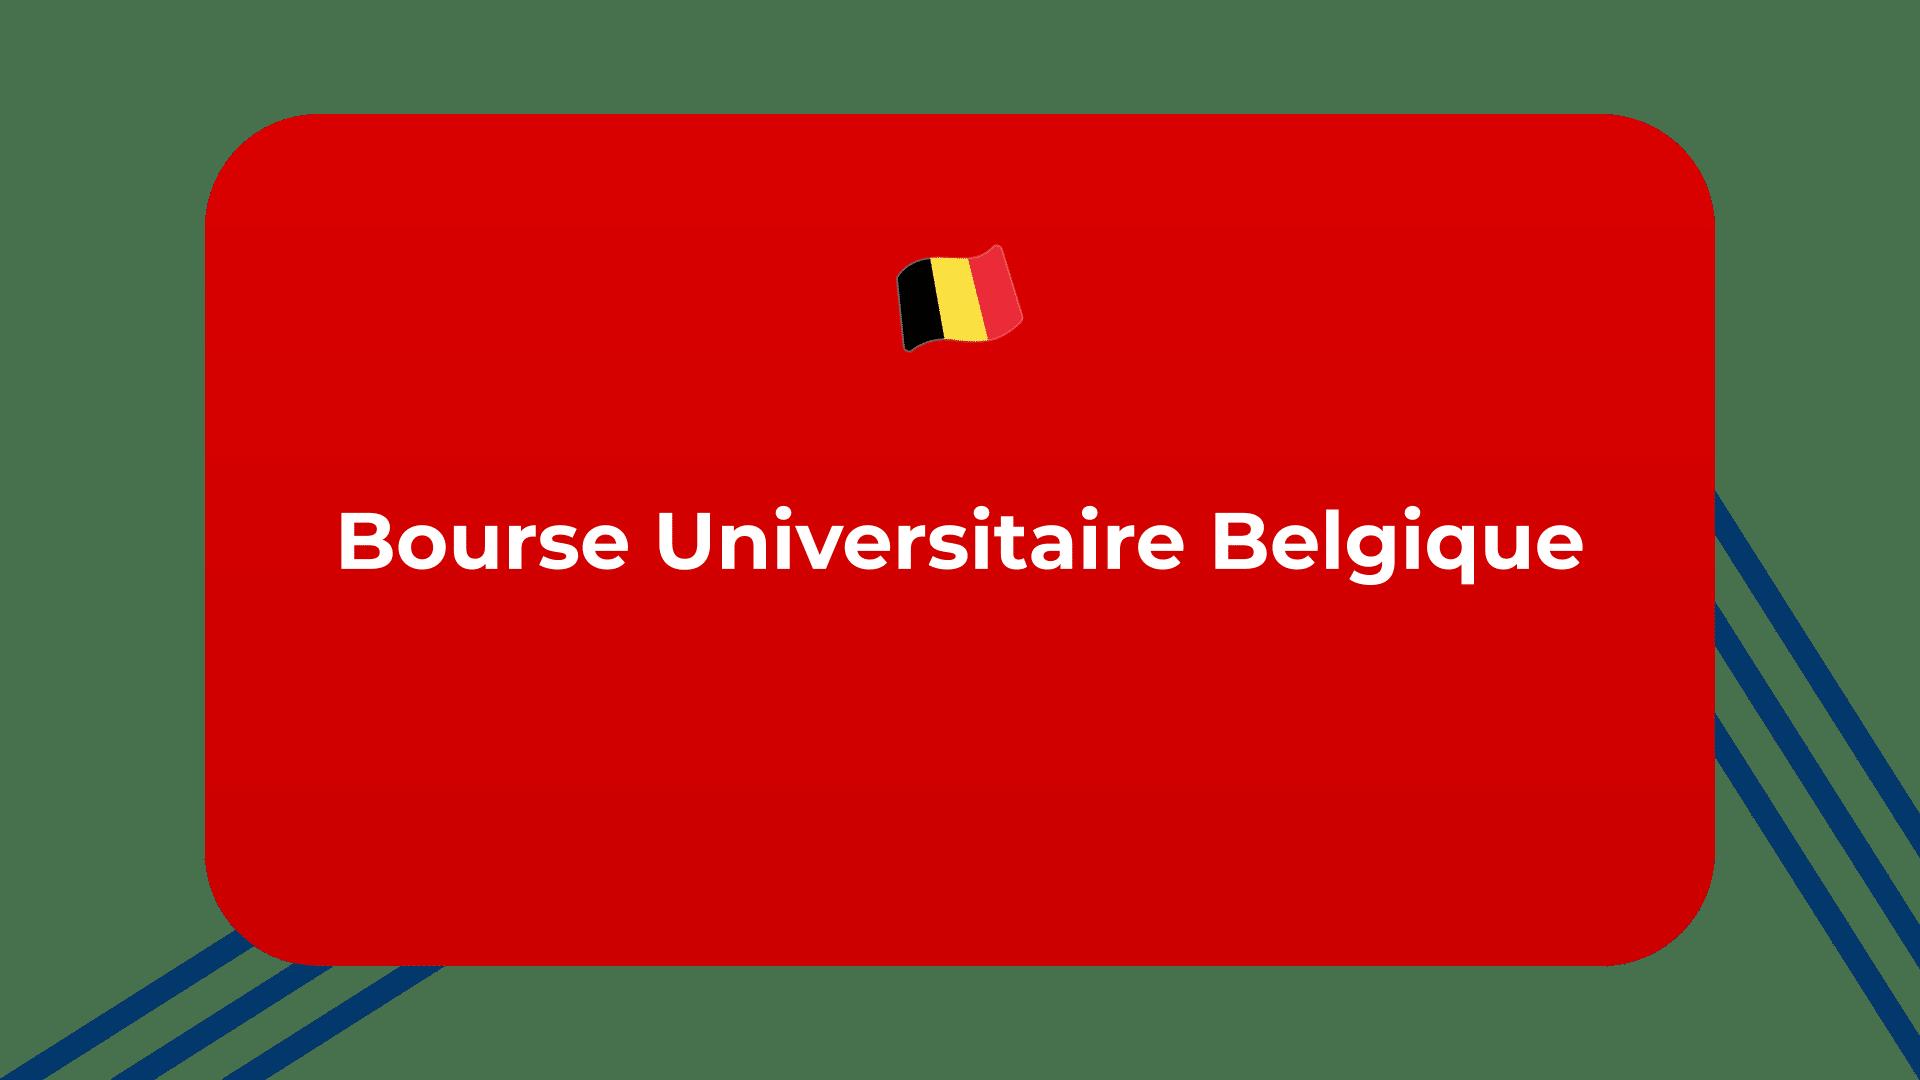 Bourse Universitaire Belgique